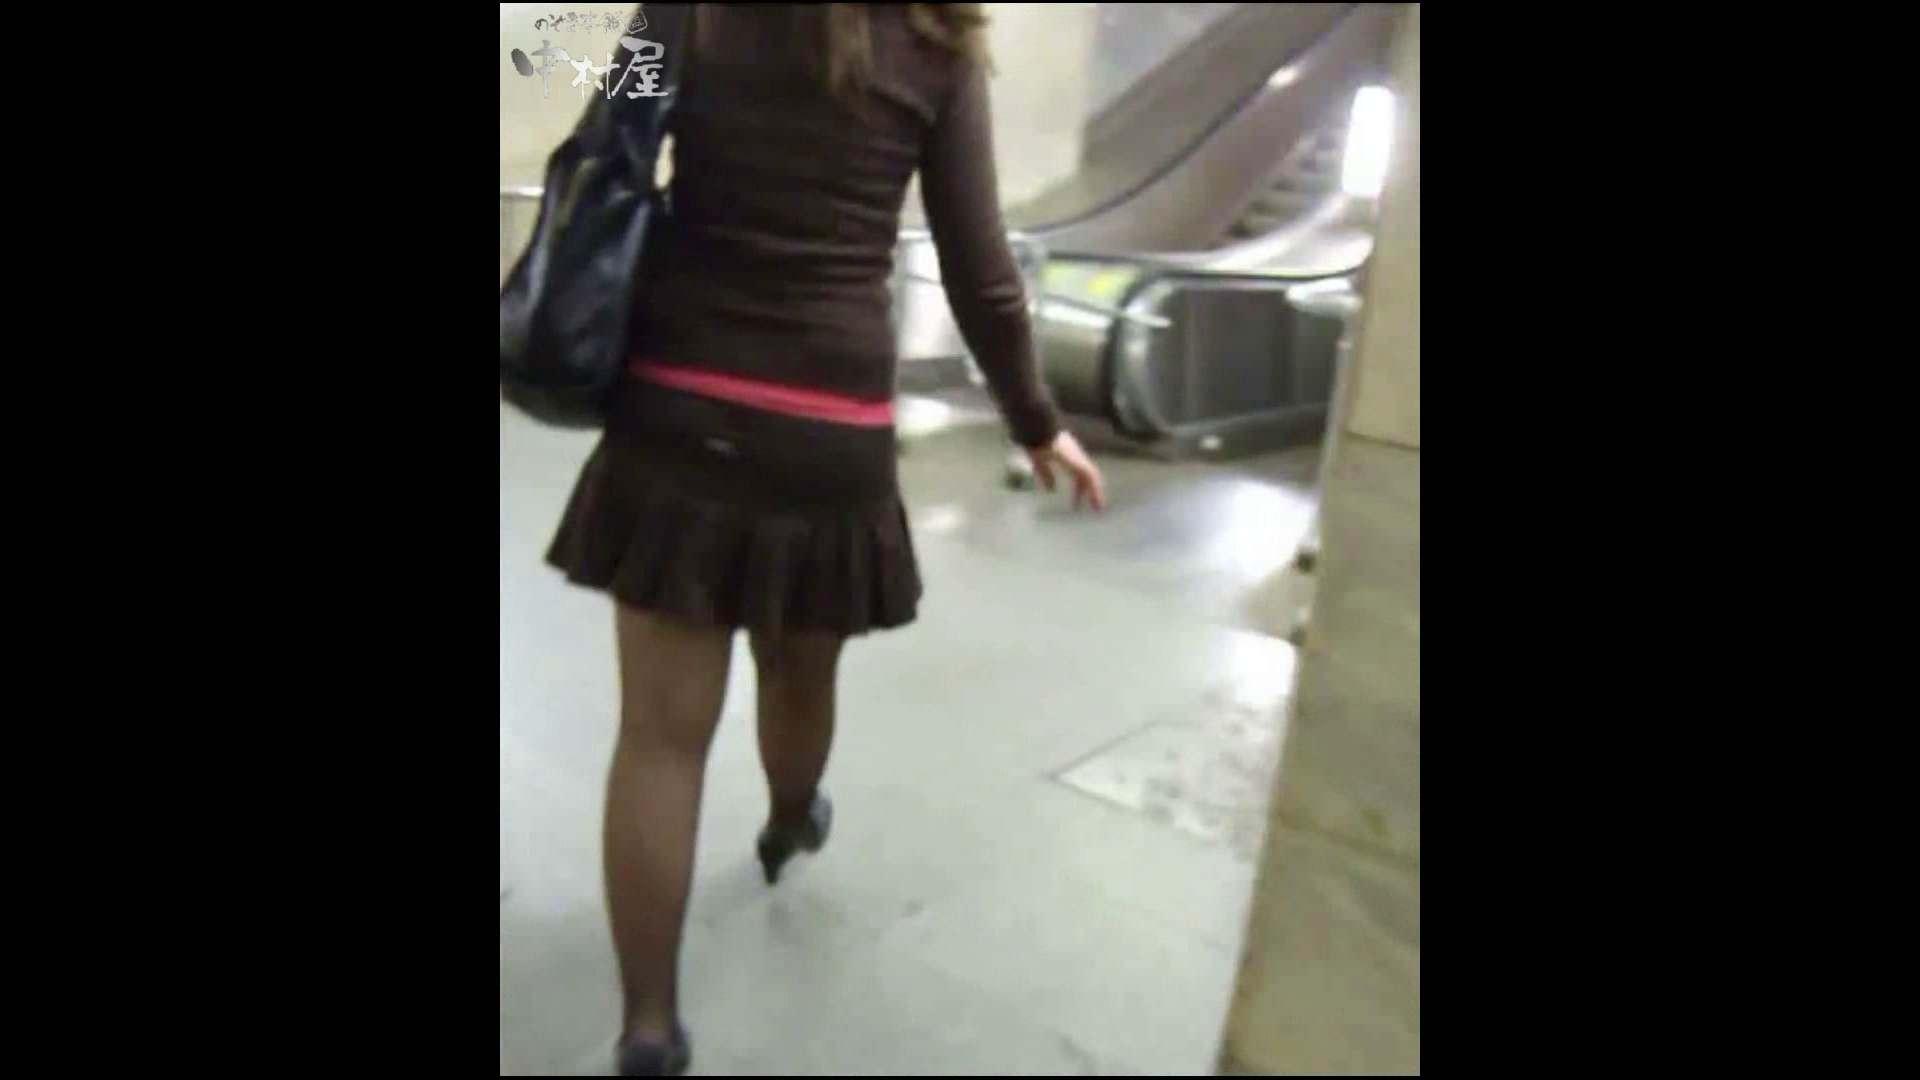 綺麗なモデルさんのスカート捲っちゃおう‼ vol11 お姉さんヌード | OLセックス  94画像 59